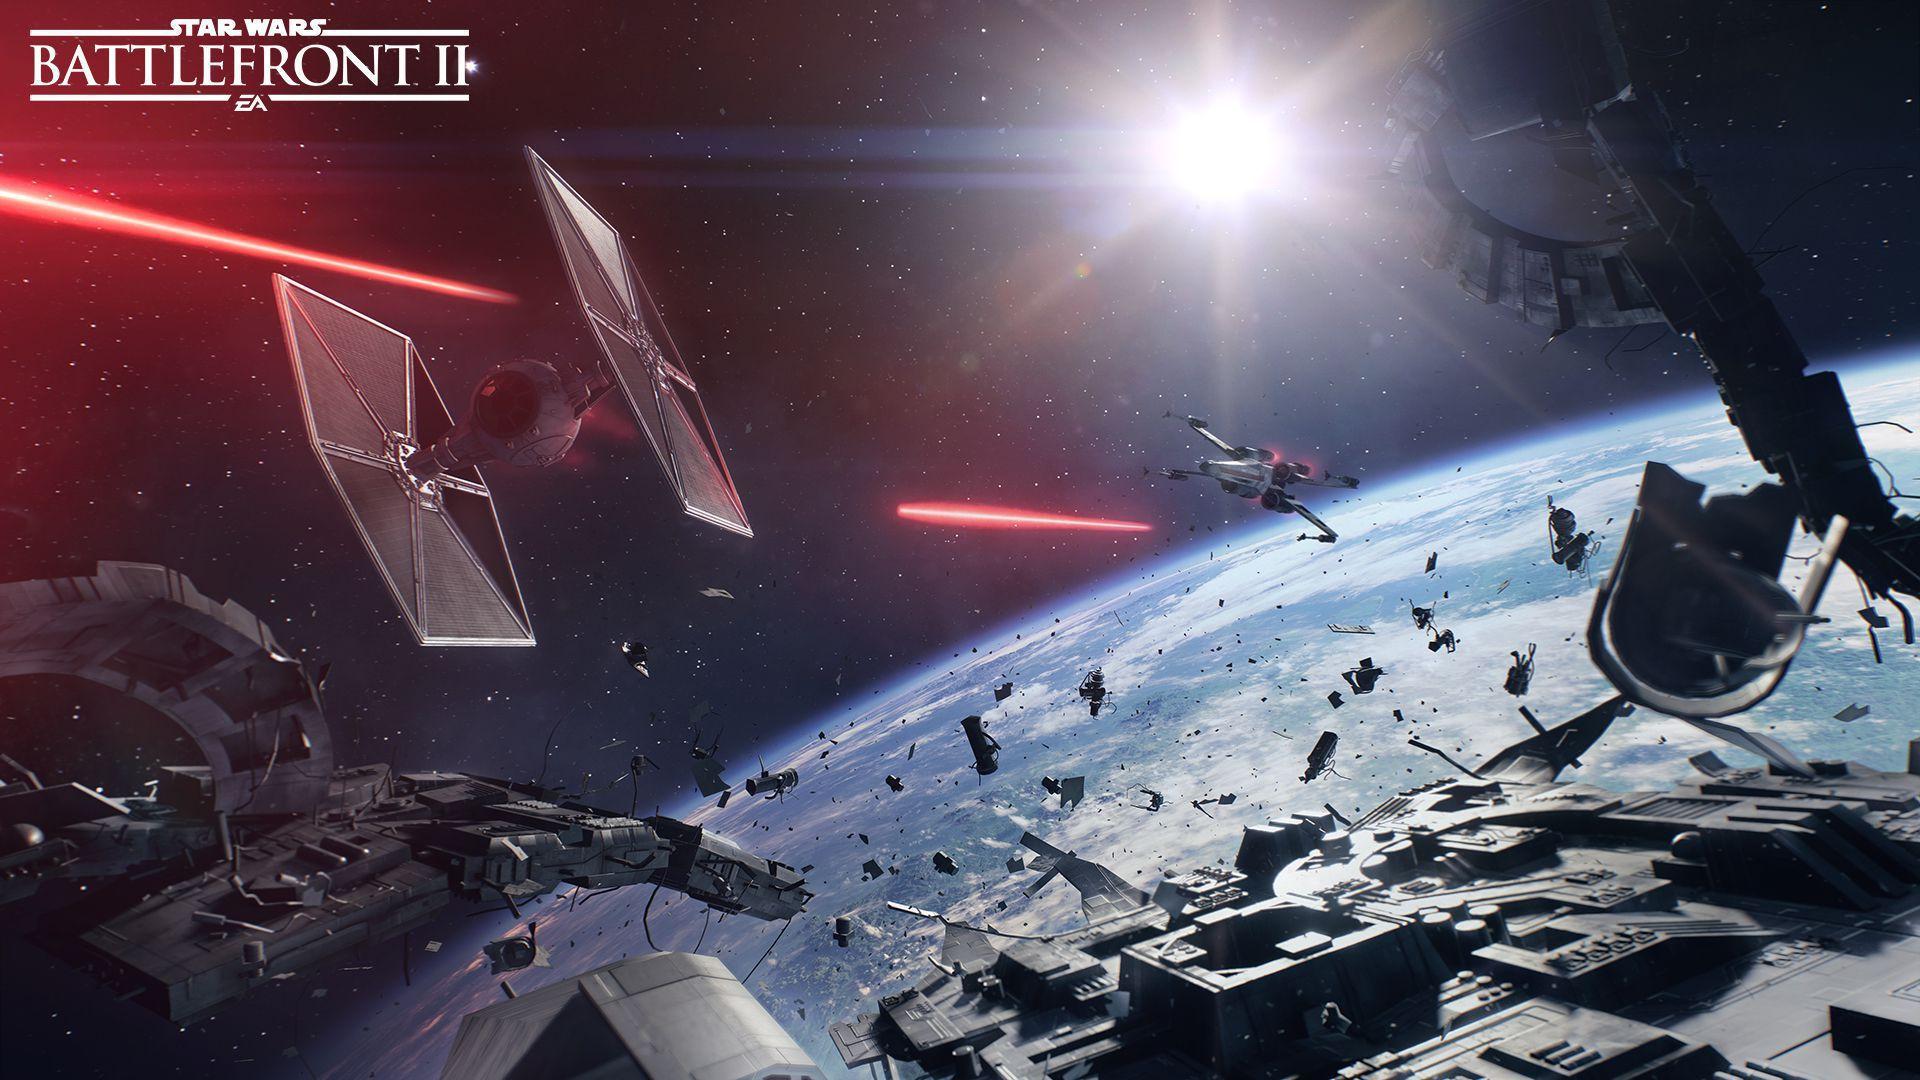 Star Wars Battlefront II Background